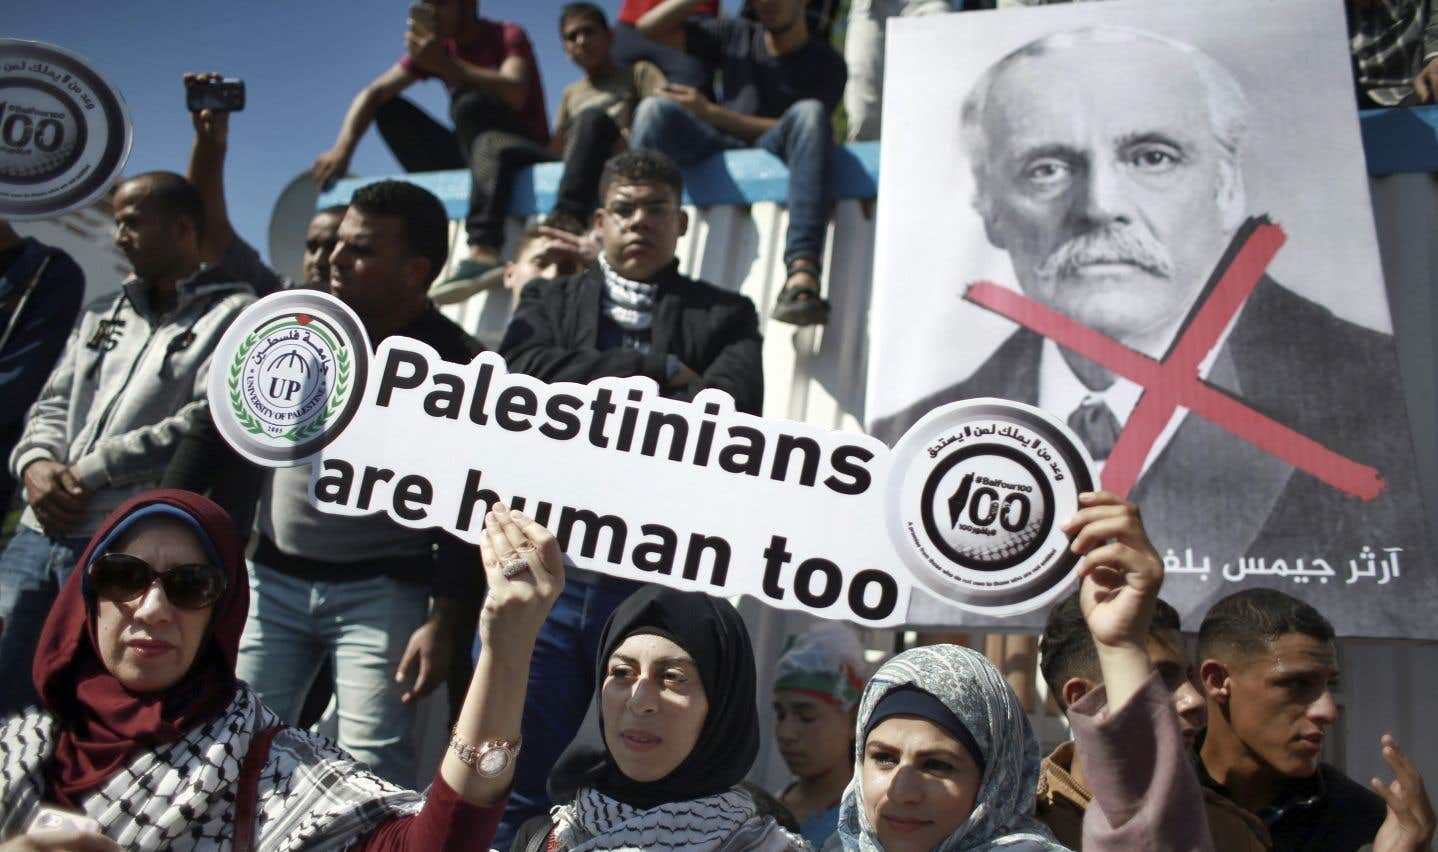 À l'occasion du centenaire de la déclaration Balfour, des Palestiniens manifestent devant le Bureau du Coordonnateur spécial des Nations unies pour le processus de paix au Moyen-Orient, à Gaza.